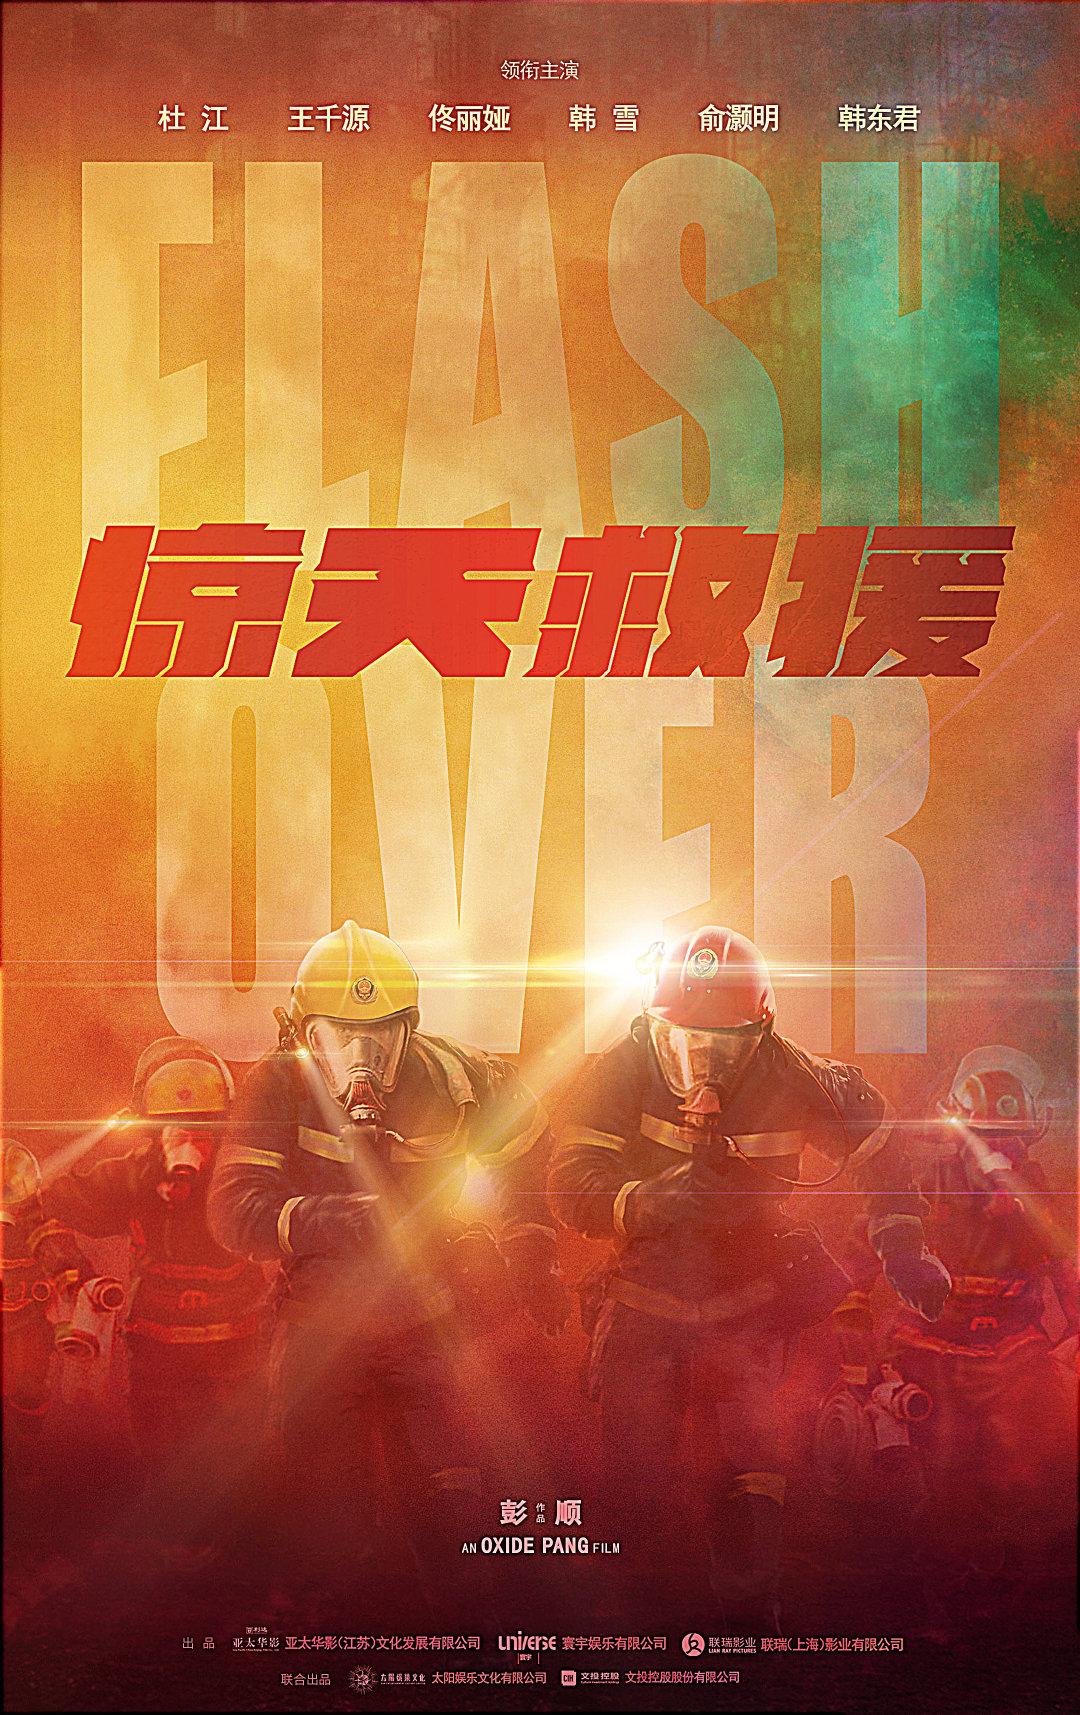 彭顺执导,杜江、王千源主演的电影《惊天救援》今天正式开机